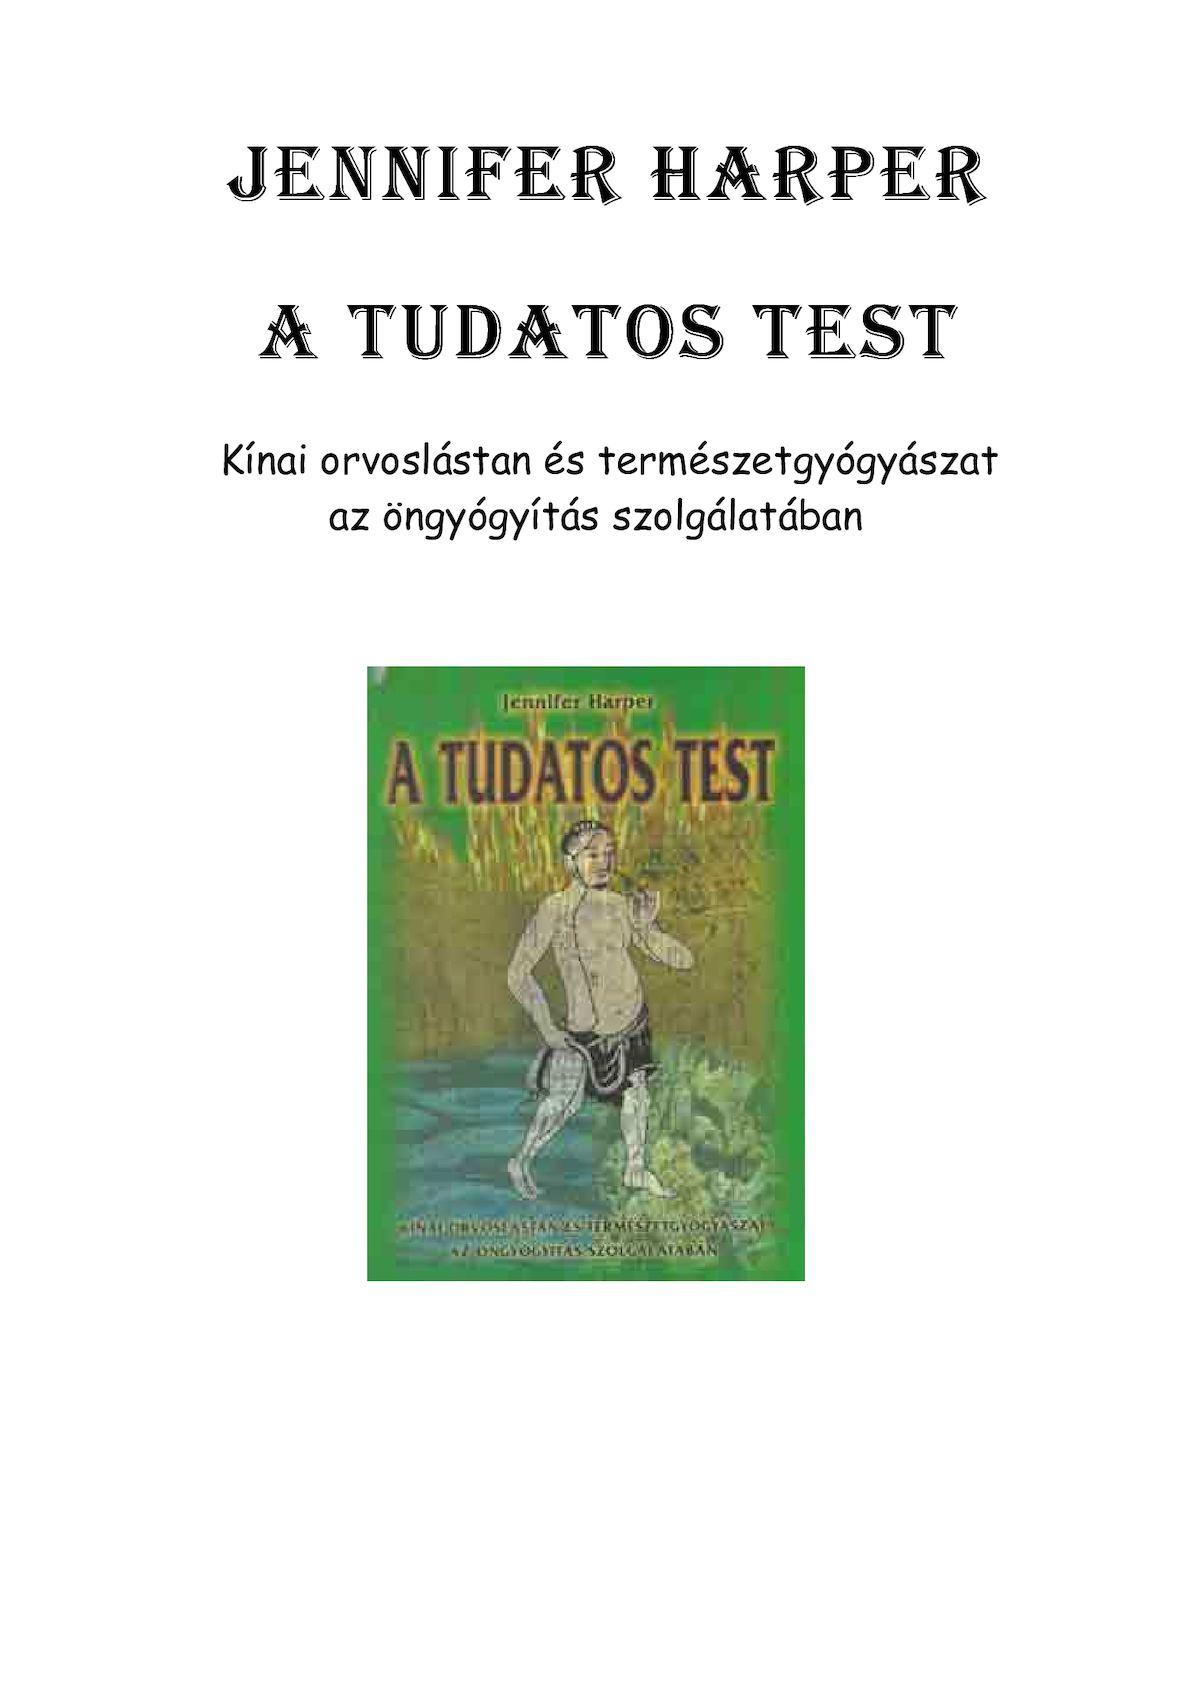 Az emberi test parazitáinak tisztítása. Tisztítás a parazitáktól Kazahsztánban